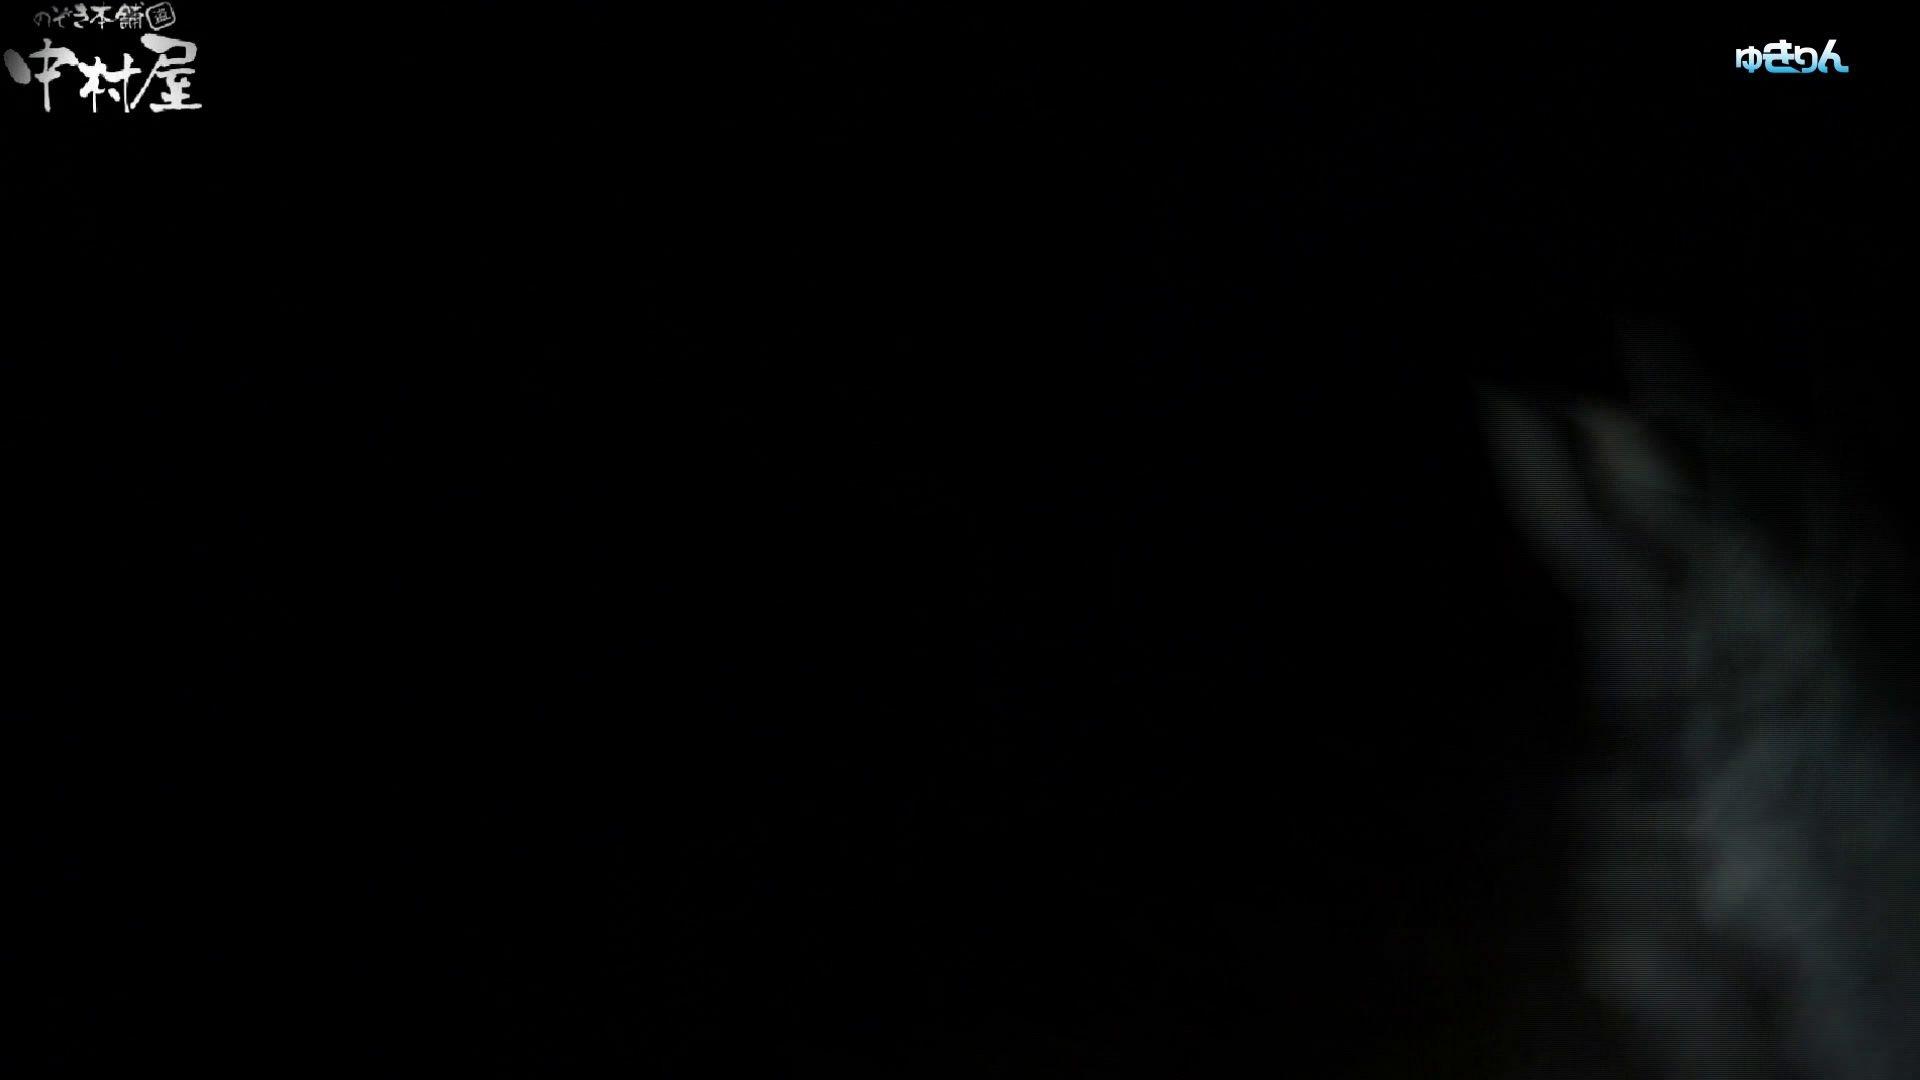 世界の射窓から~ステーション編 vol58 0.1%の確率!!吸い付こまれるプレミアム聖地 盗撮特集   おまんこ  83画像 24